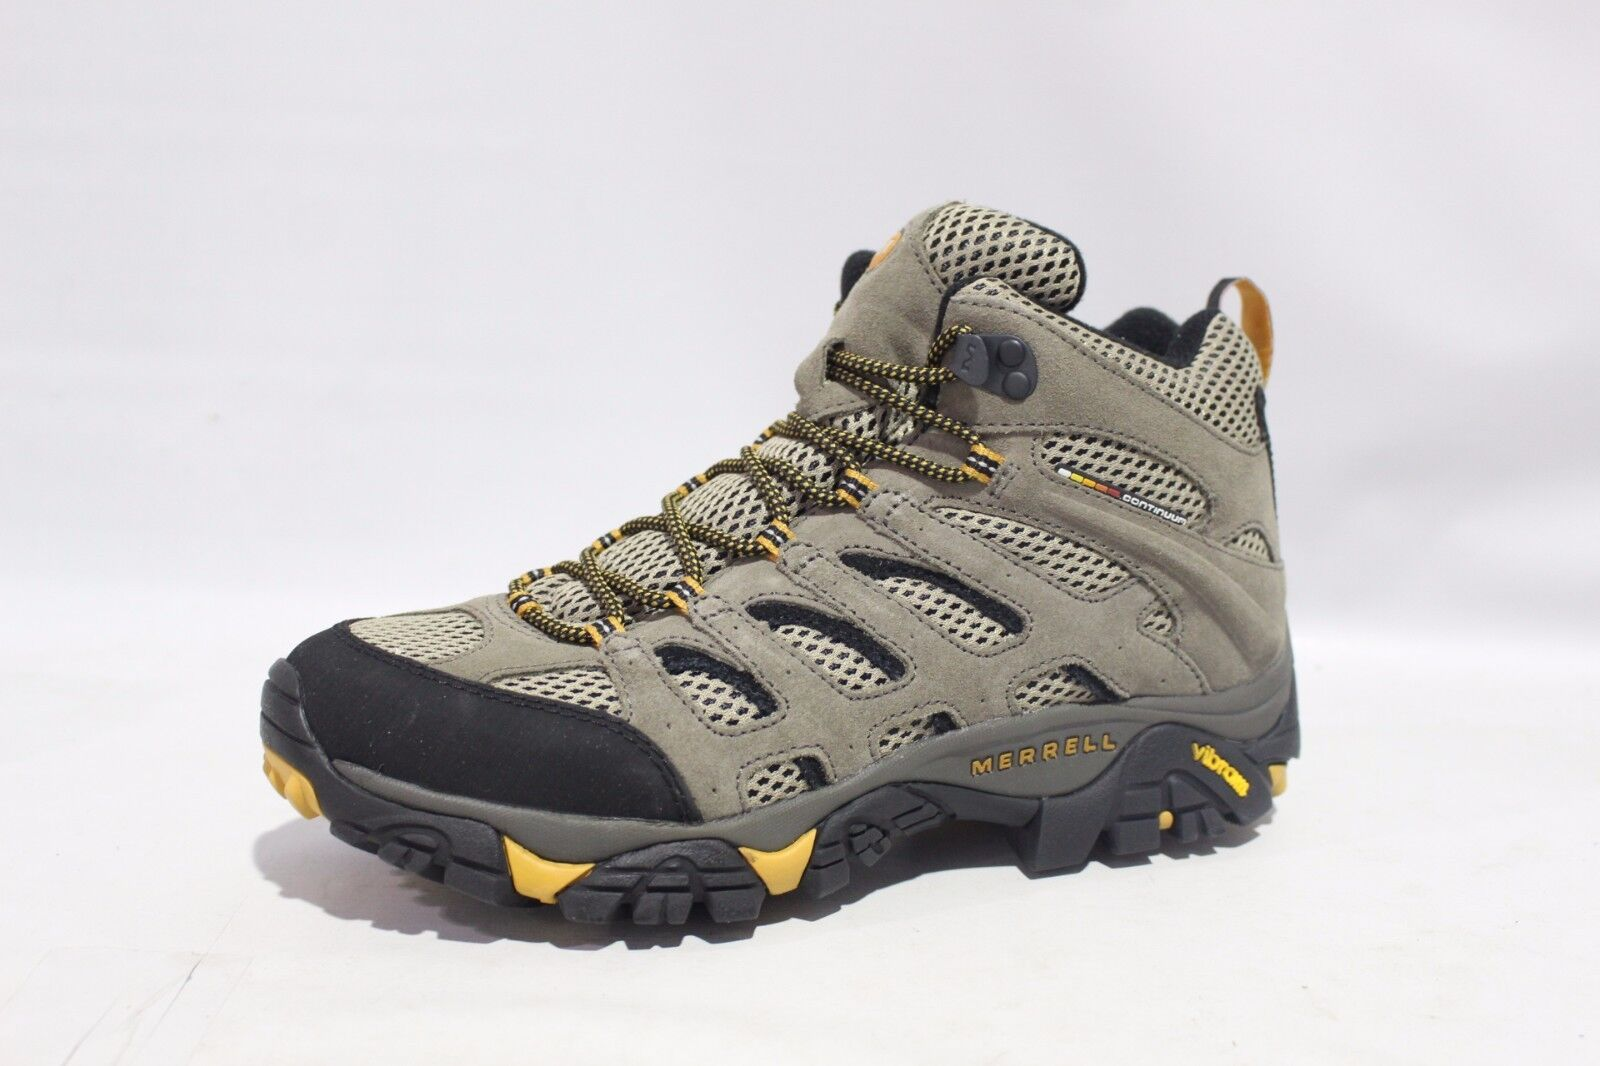 Merrell Moab Ventilator Mid Walnut Men s Hiking Boots Style J86593 Sz 9-12  фото 74faf3b8a9aca